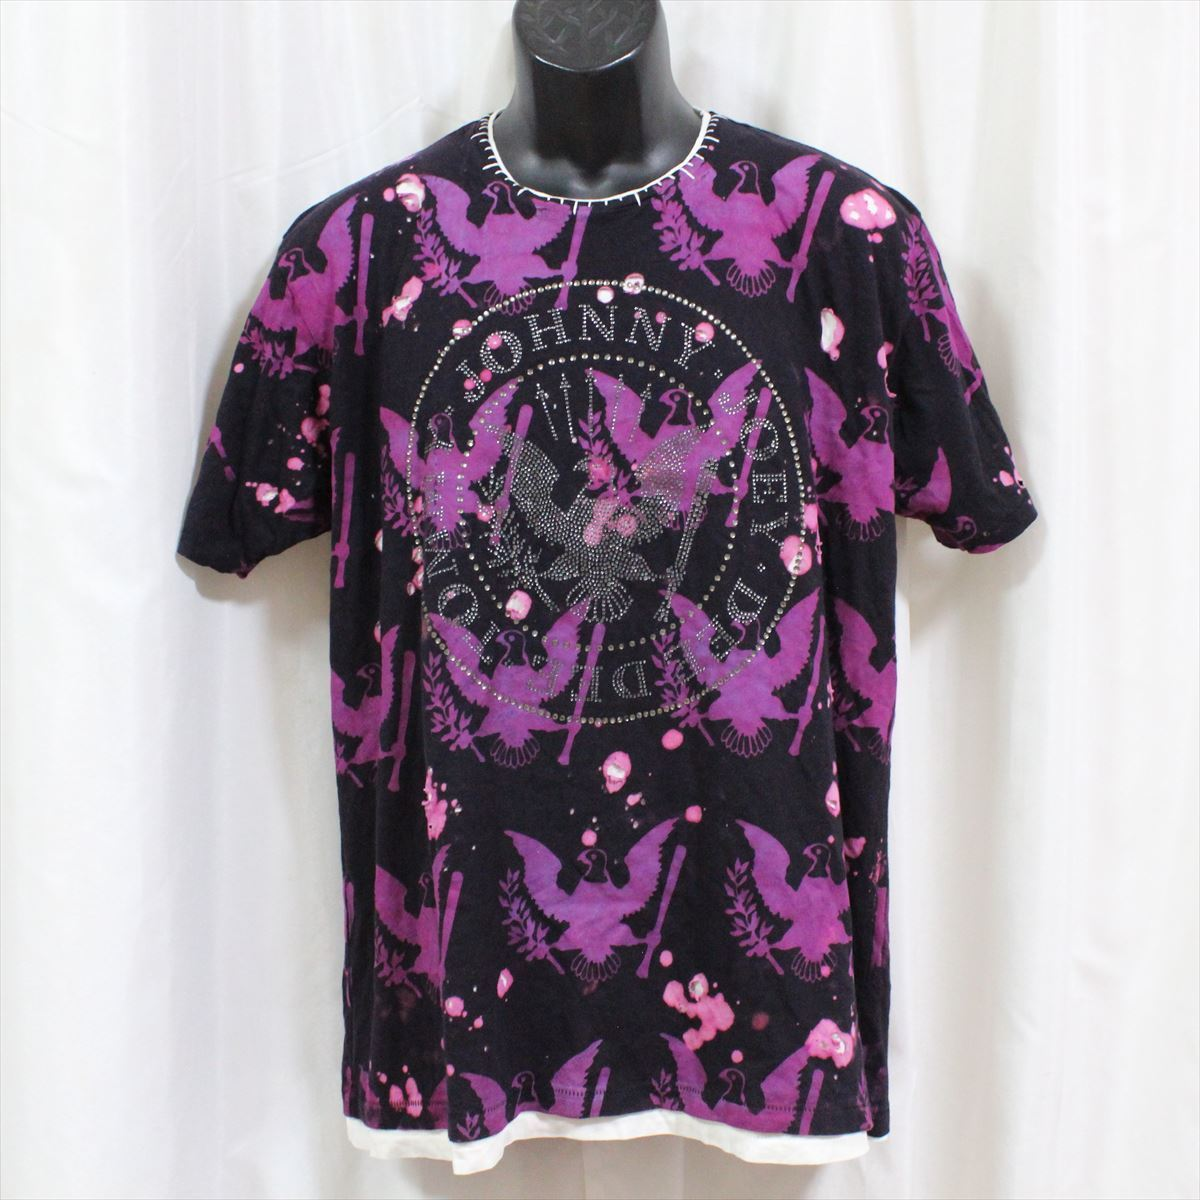 サディスティックアクション SADISTIC ACTION アイコニック メンズ半袖Tシャツ Mサイズ ICONIC COUTURE 新品 ラモーンズ Ramones_画像1